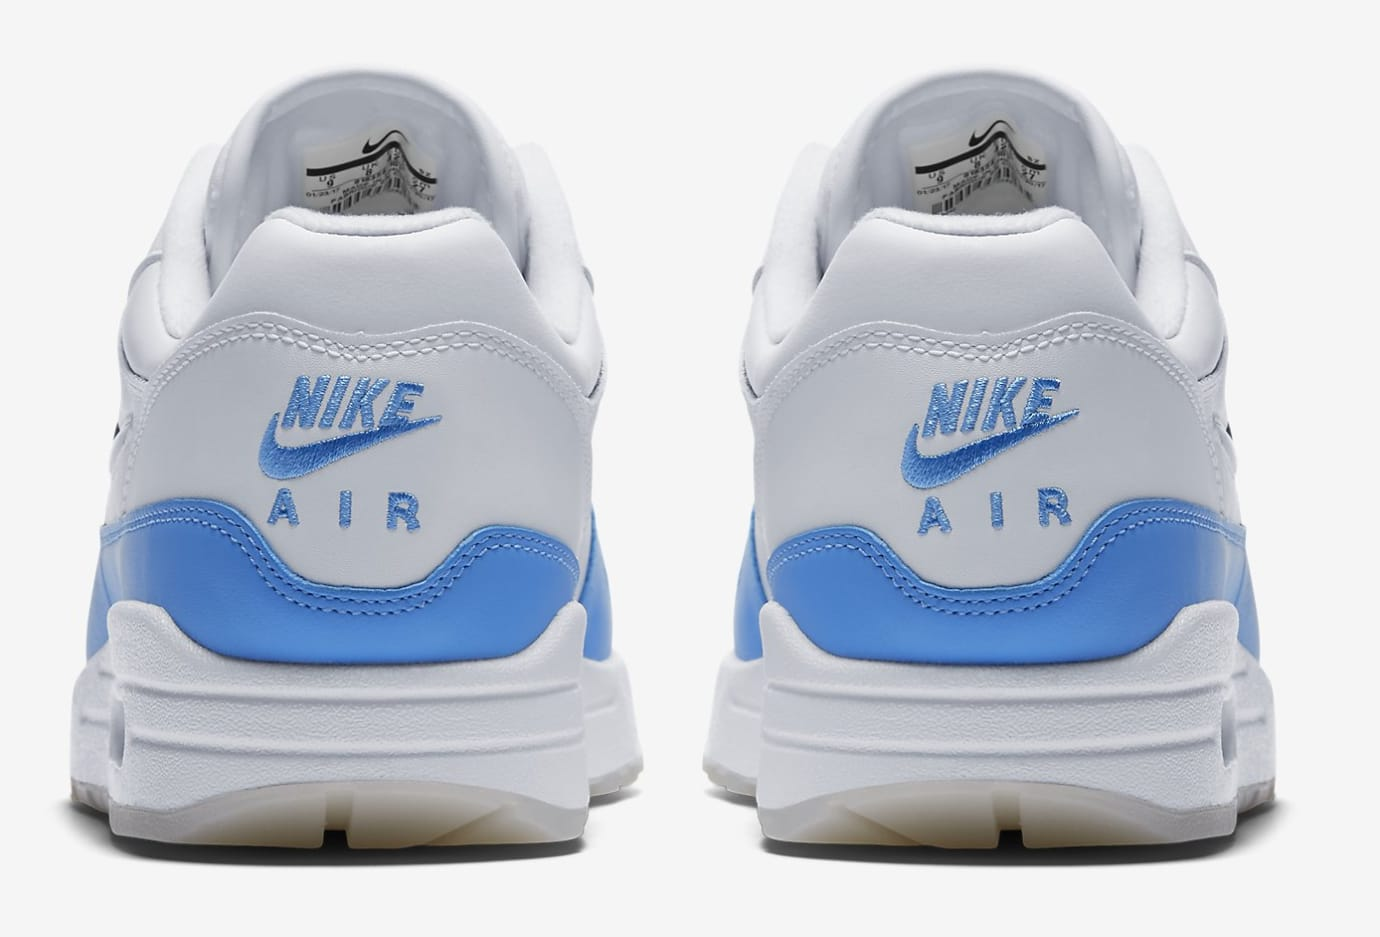 Nike Air Max 1 'Jewel' 918354-102